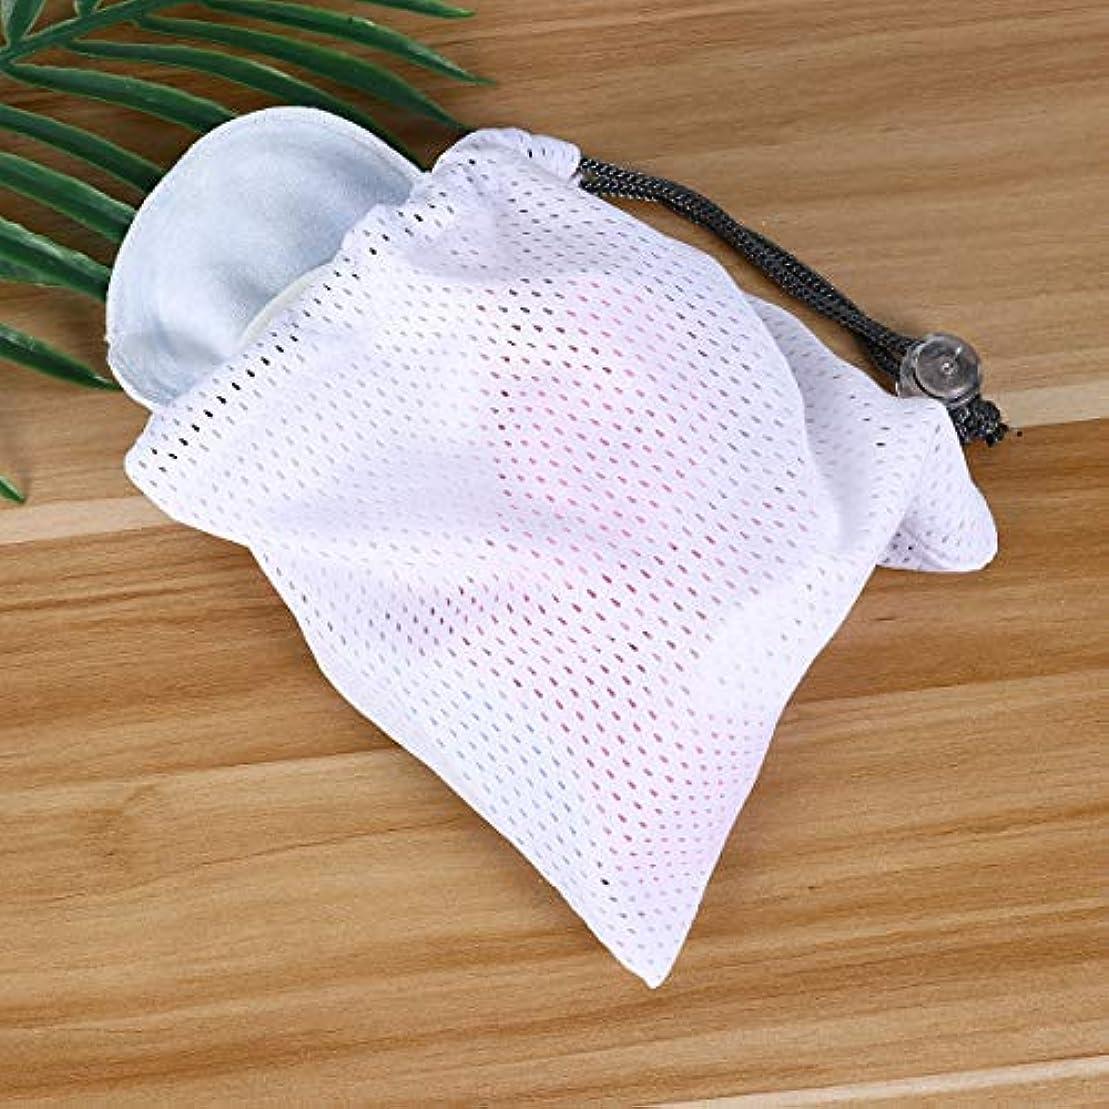 モス企業感性Beaupretty 17ピース再利用可能な竹繊維化粧落としパッド有機綿ラウンド洗える顔クレンジング布